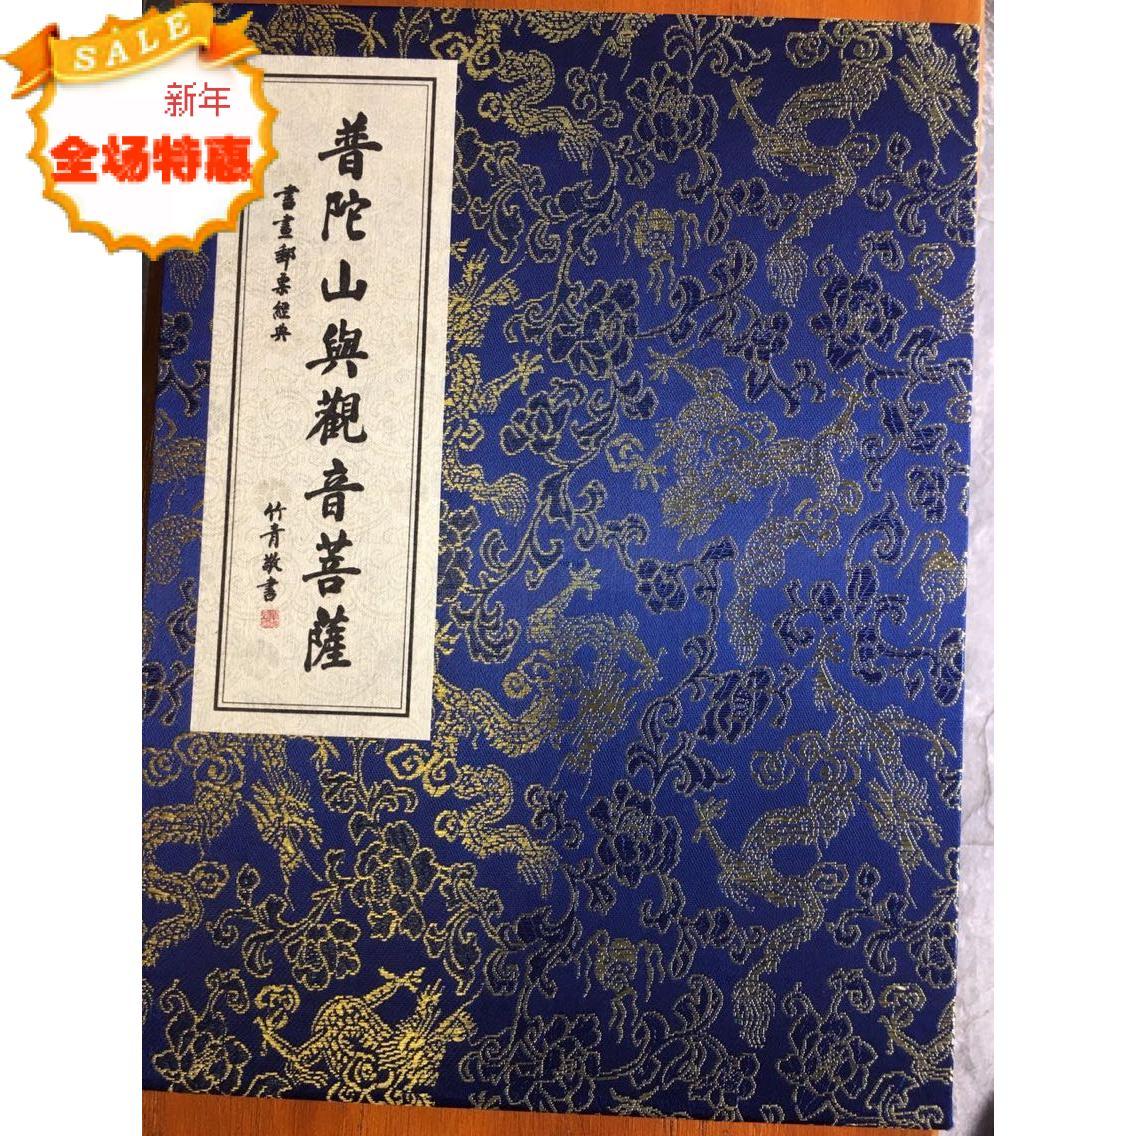 普陀山祈福邮局定制邮票集邮册观音包邮限量版 NEW中国集邮总公司